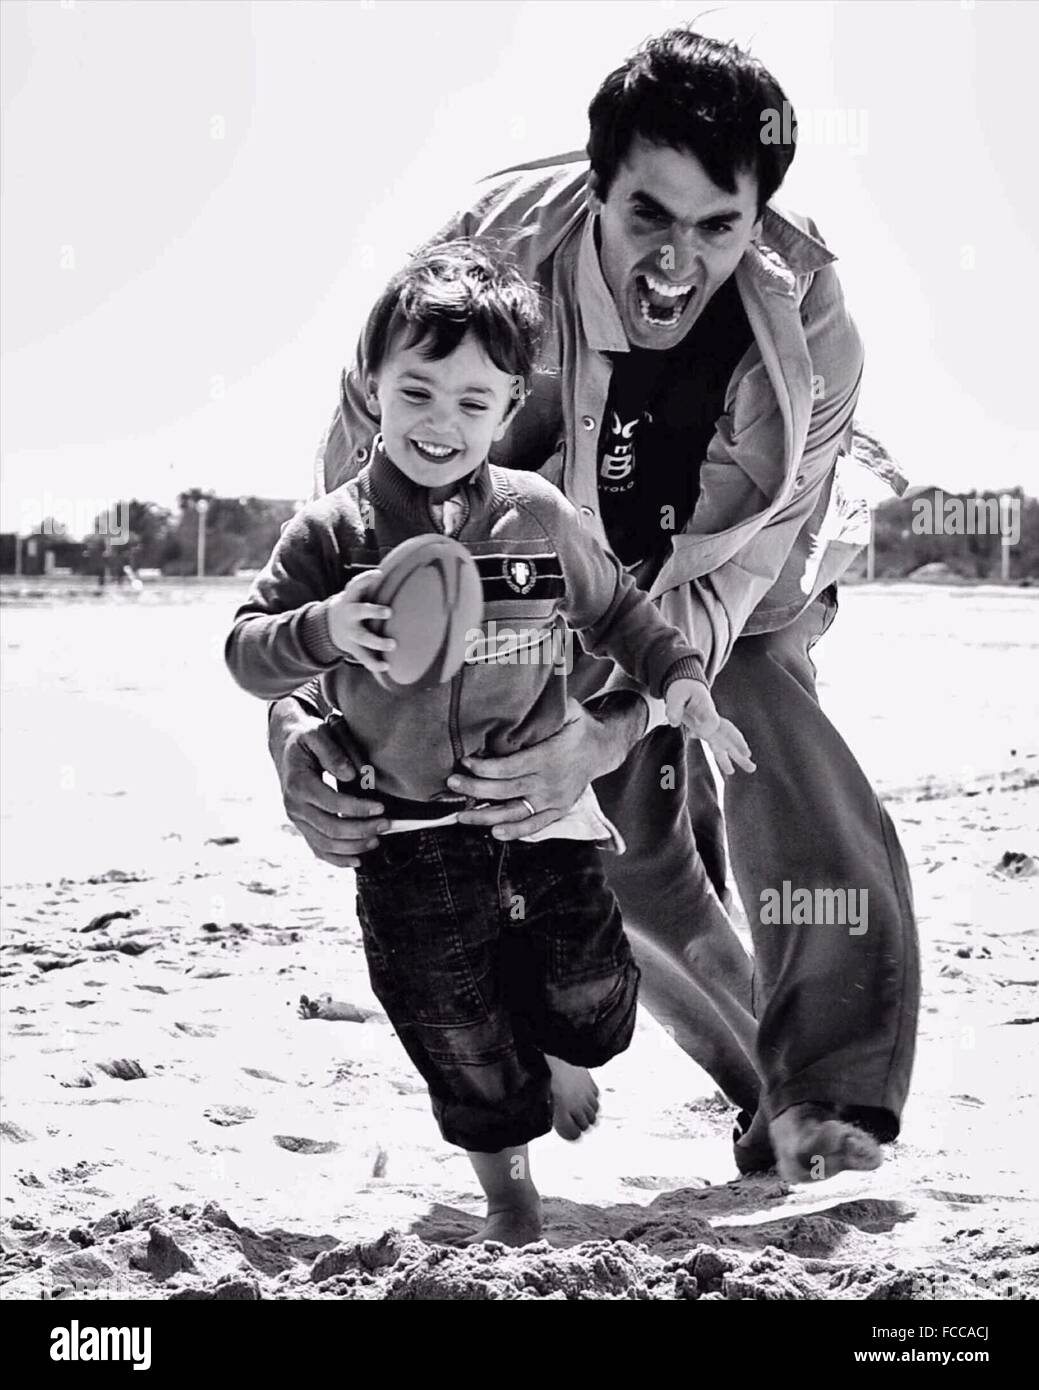 Padre jugando rugby Juego Con hijo en la playa Imagen De Stock